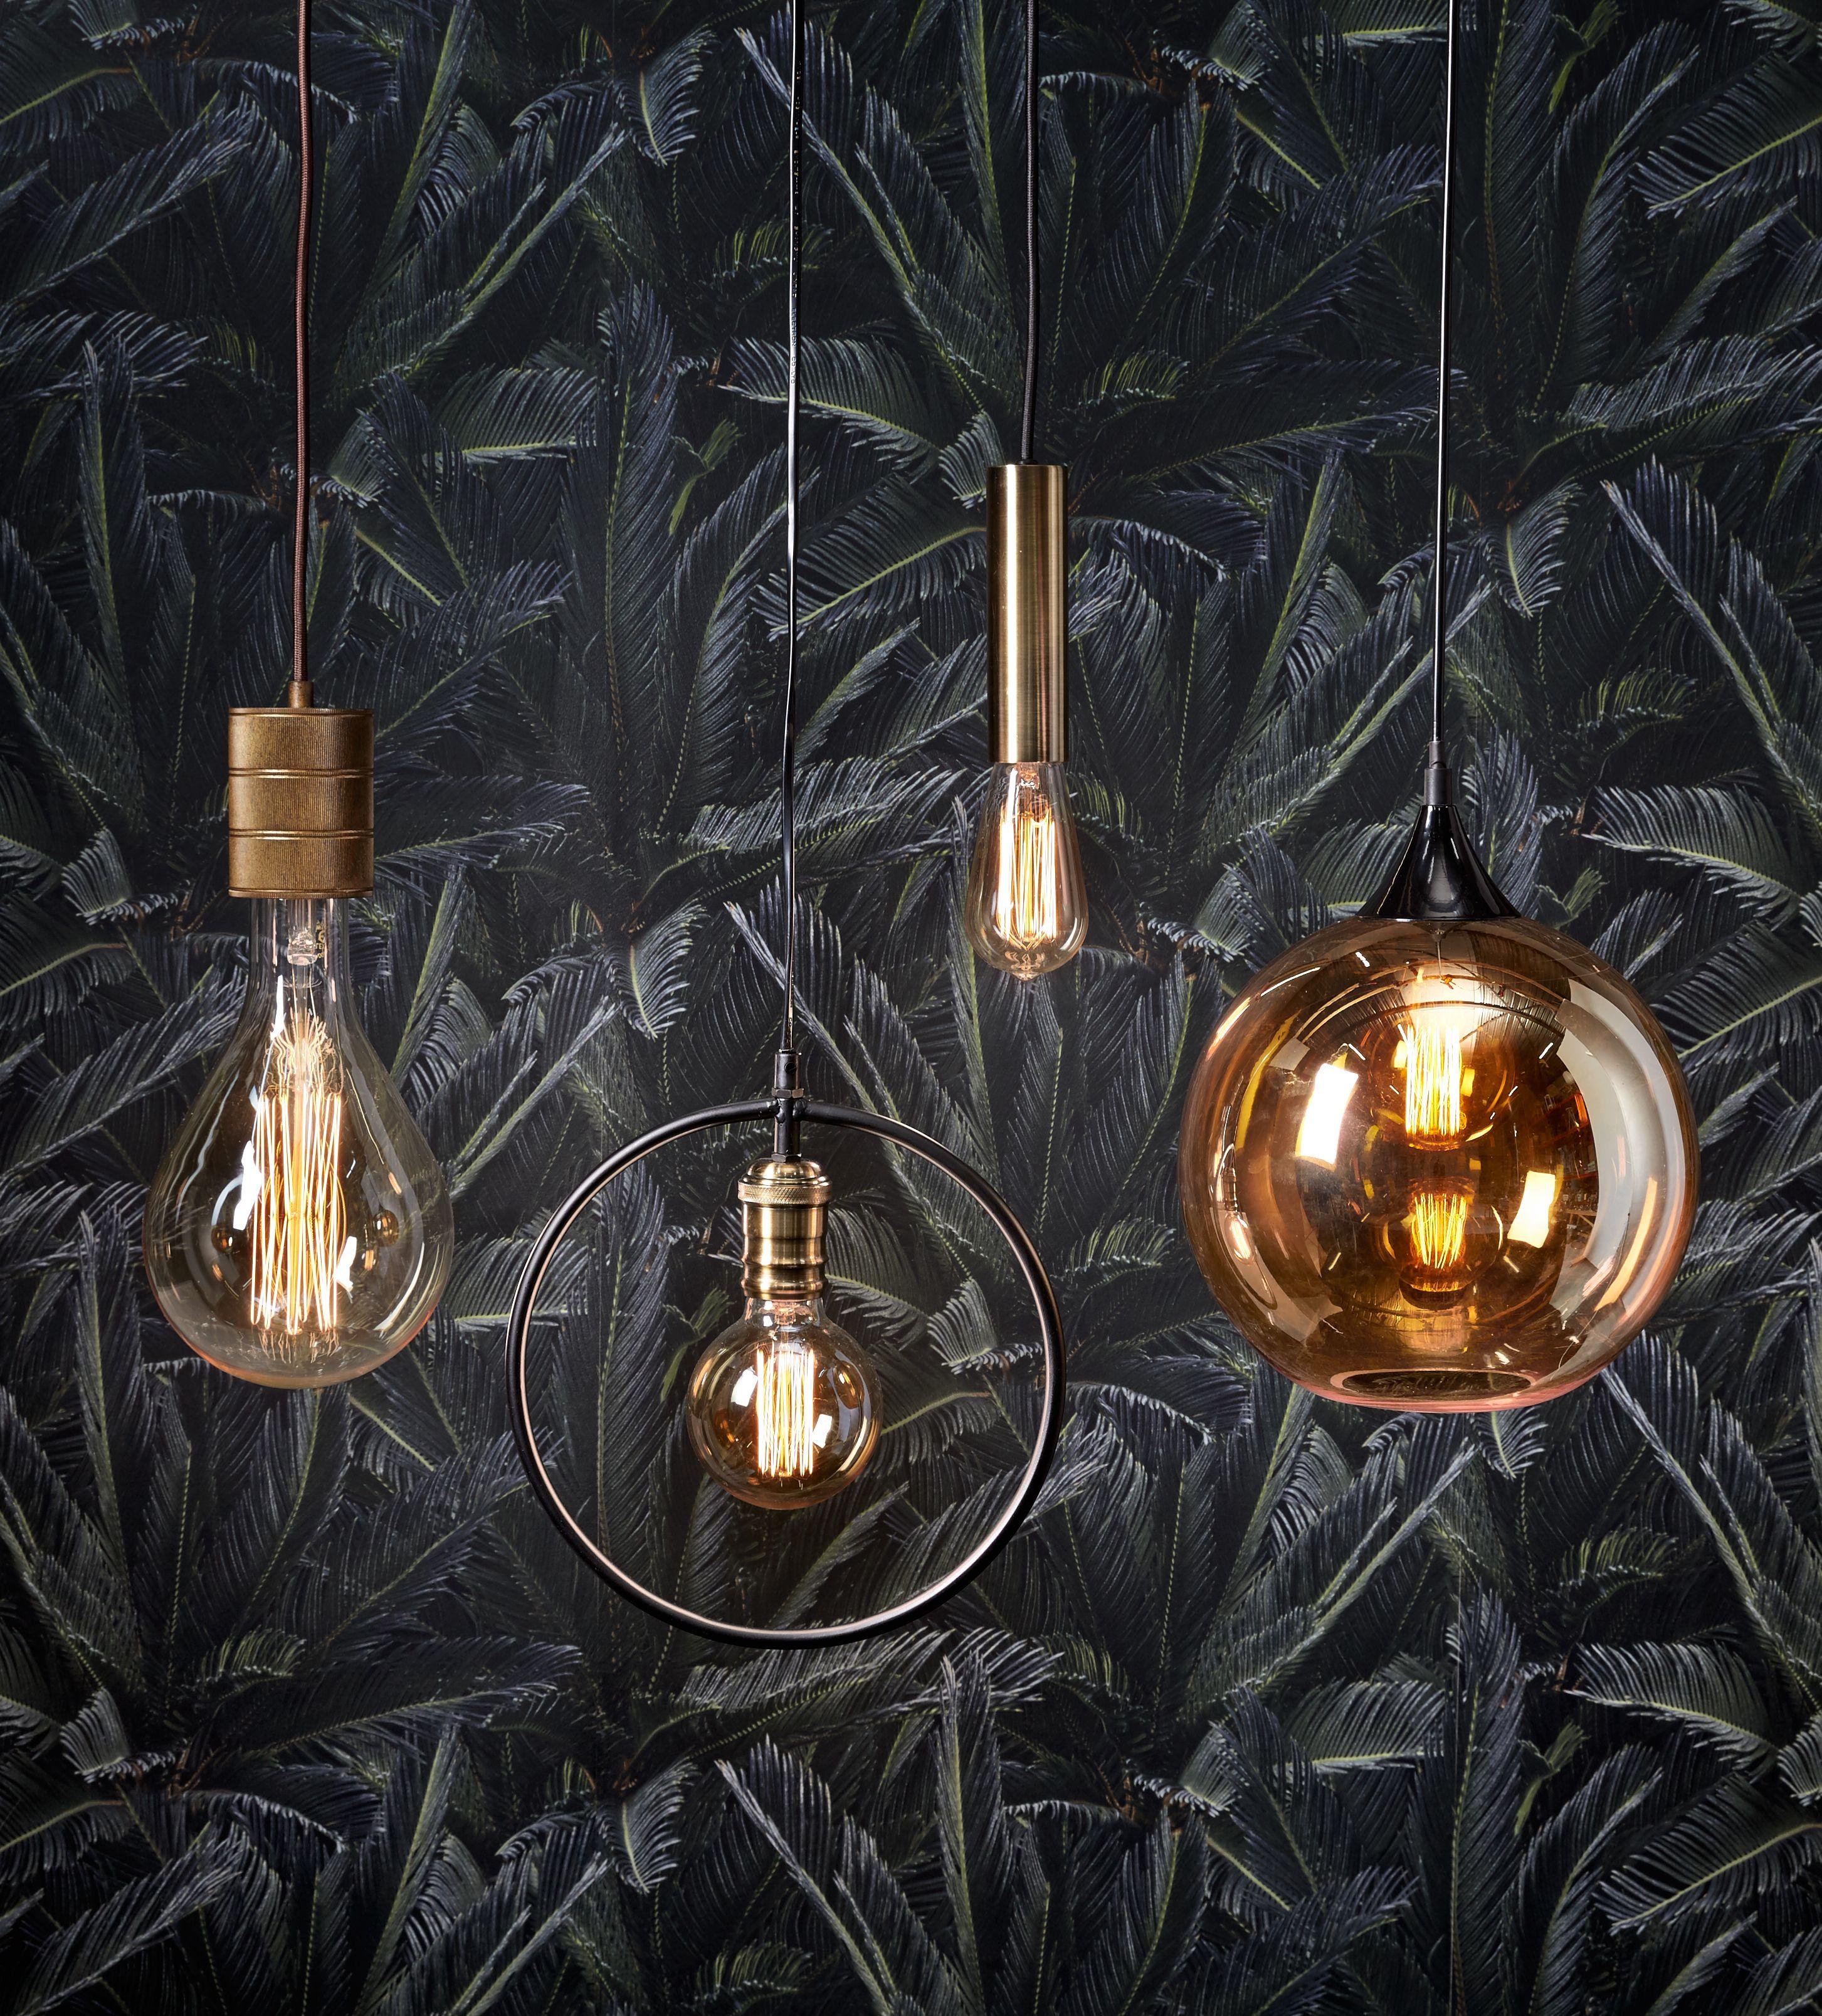 Maak het gezellig in huis met mooie verlichting Heb jij